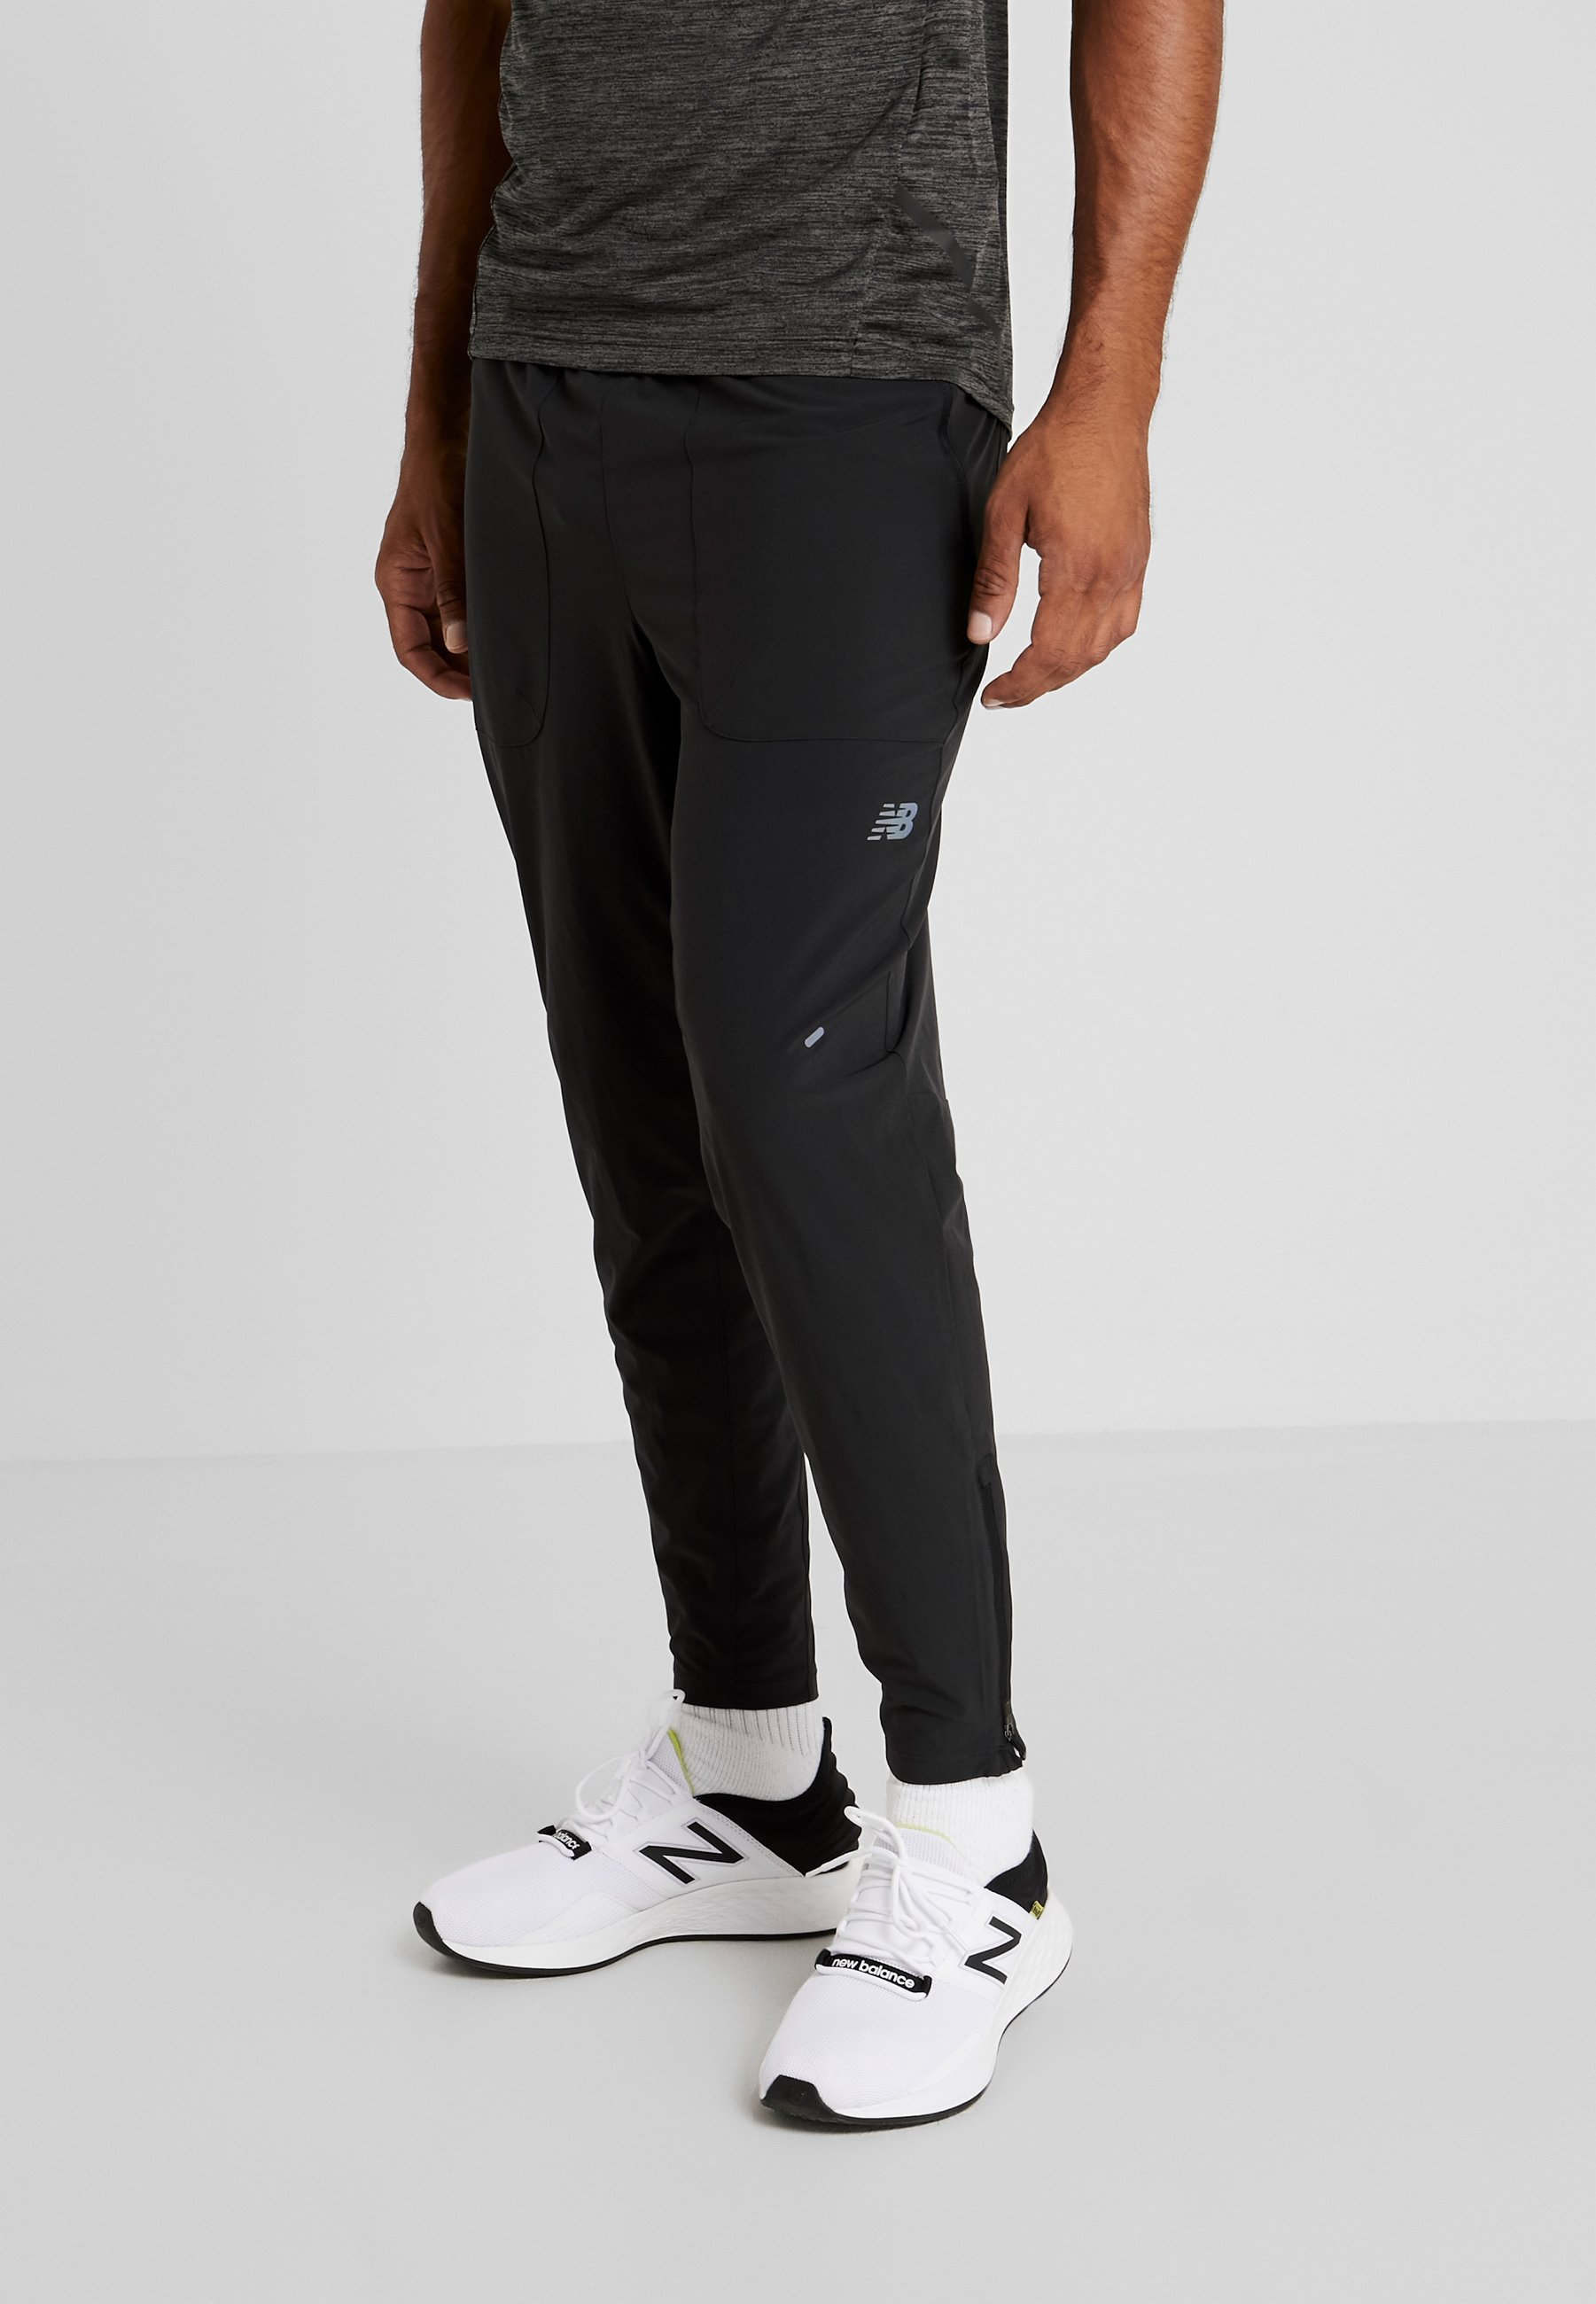 Homme SPEED RUN CREW TRACK PANT - Pantalon de survêtement